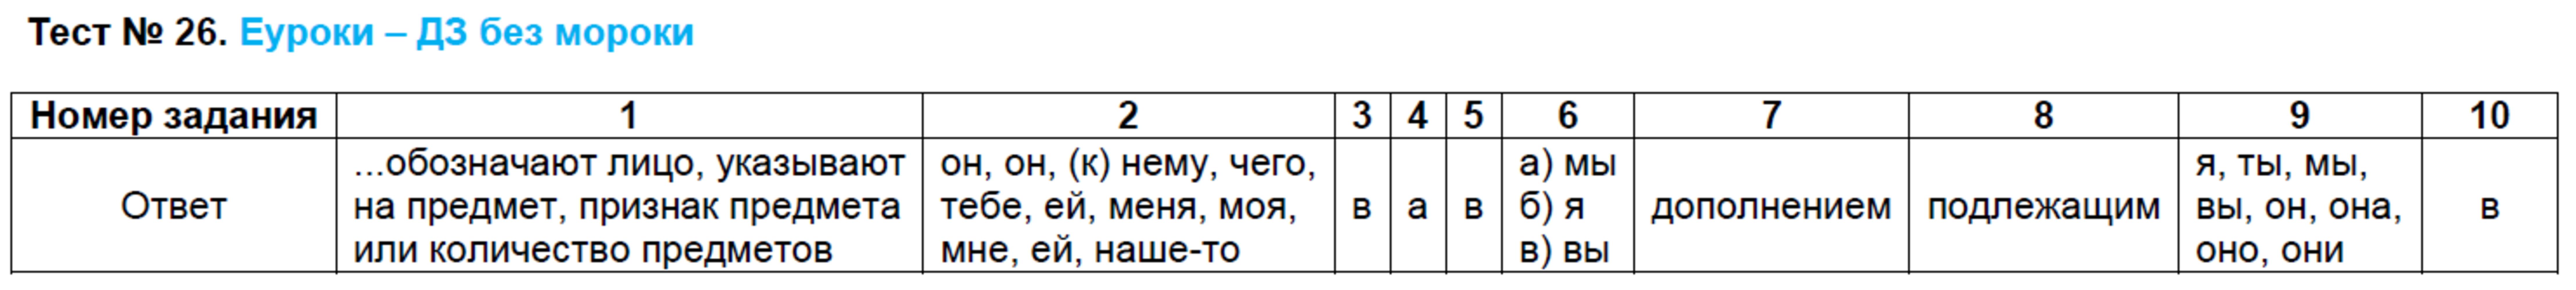 гдз тестам по русскому языку 6 класс сергеева